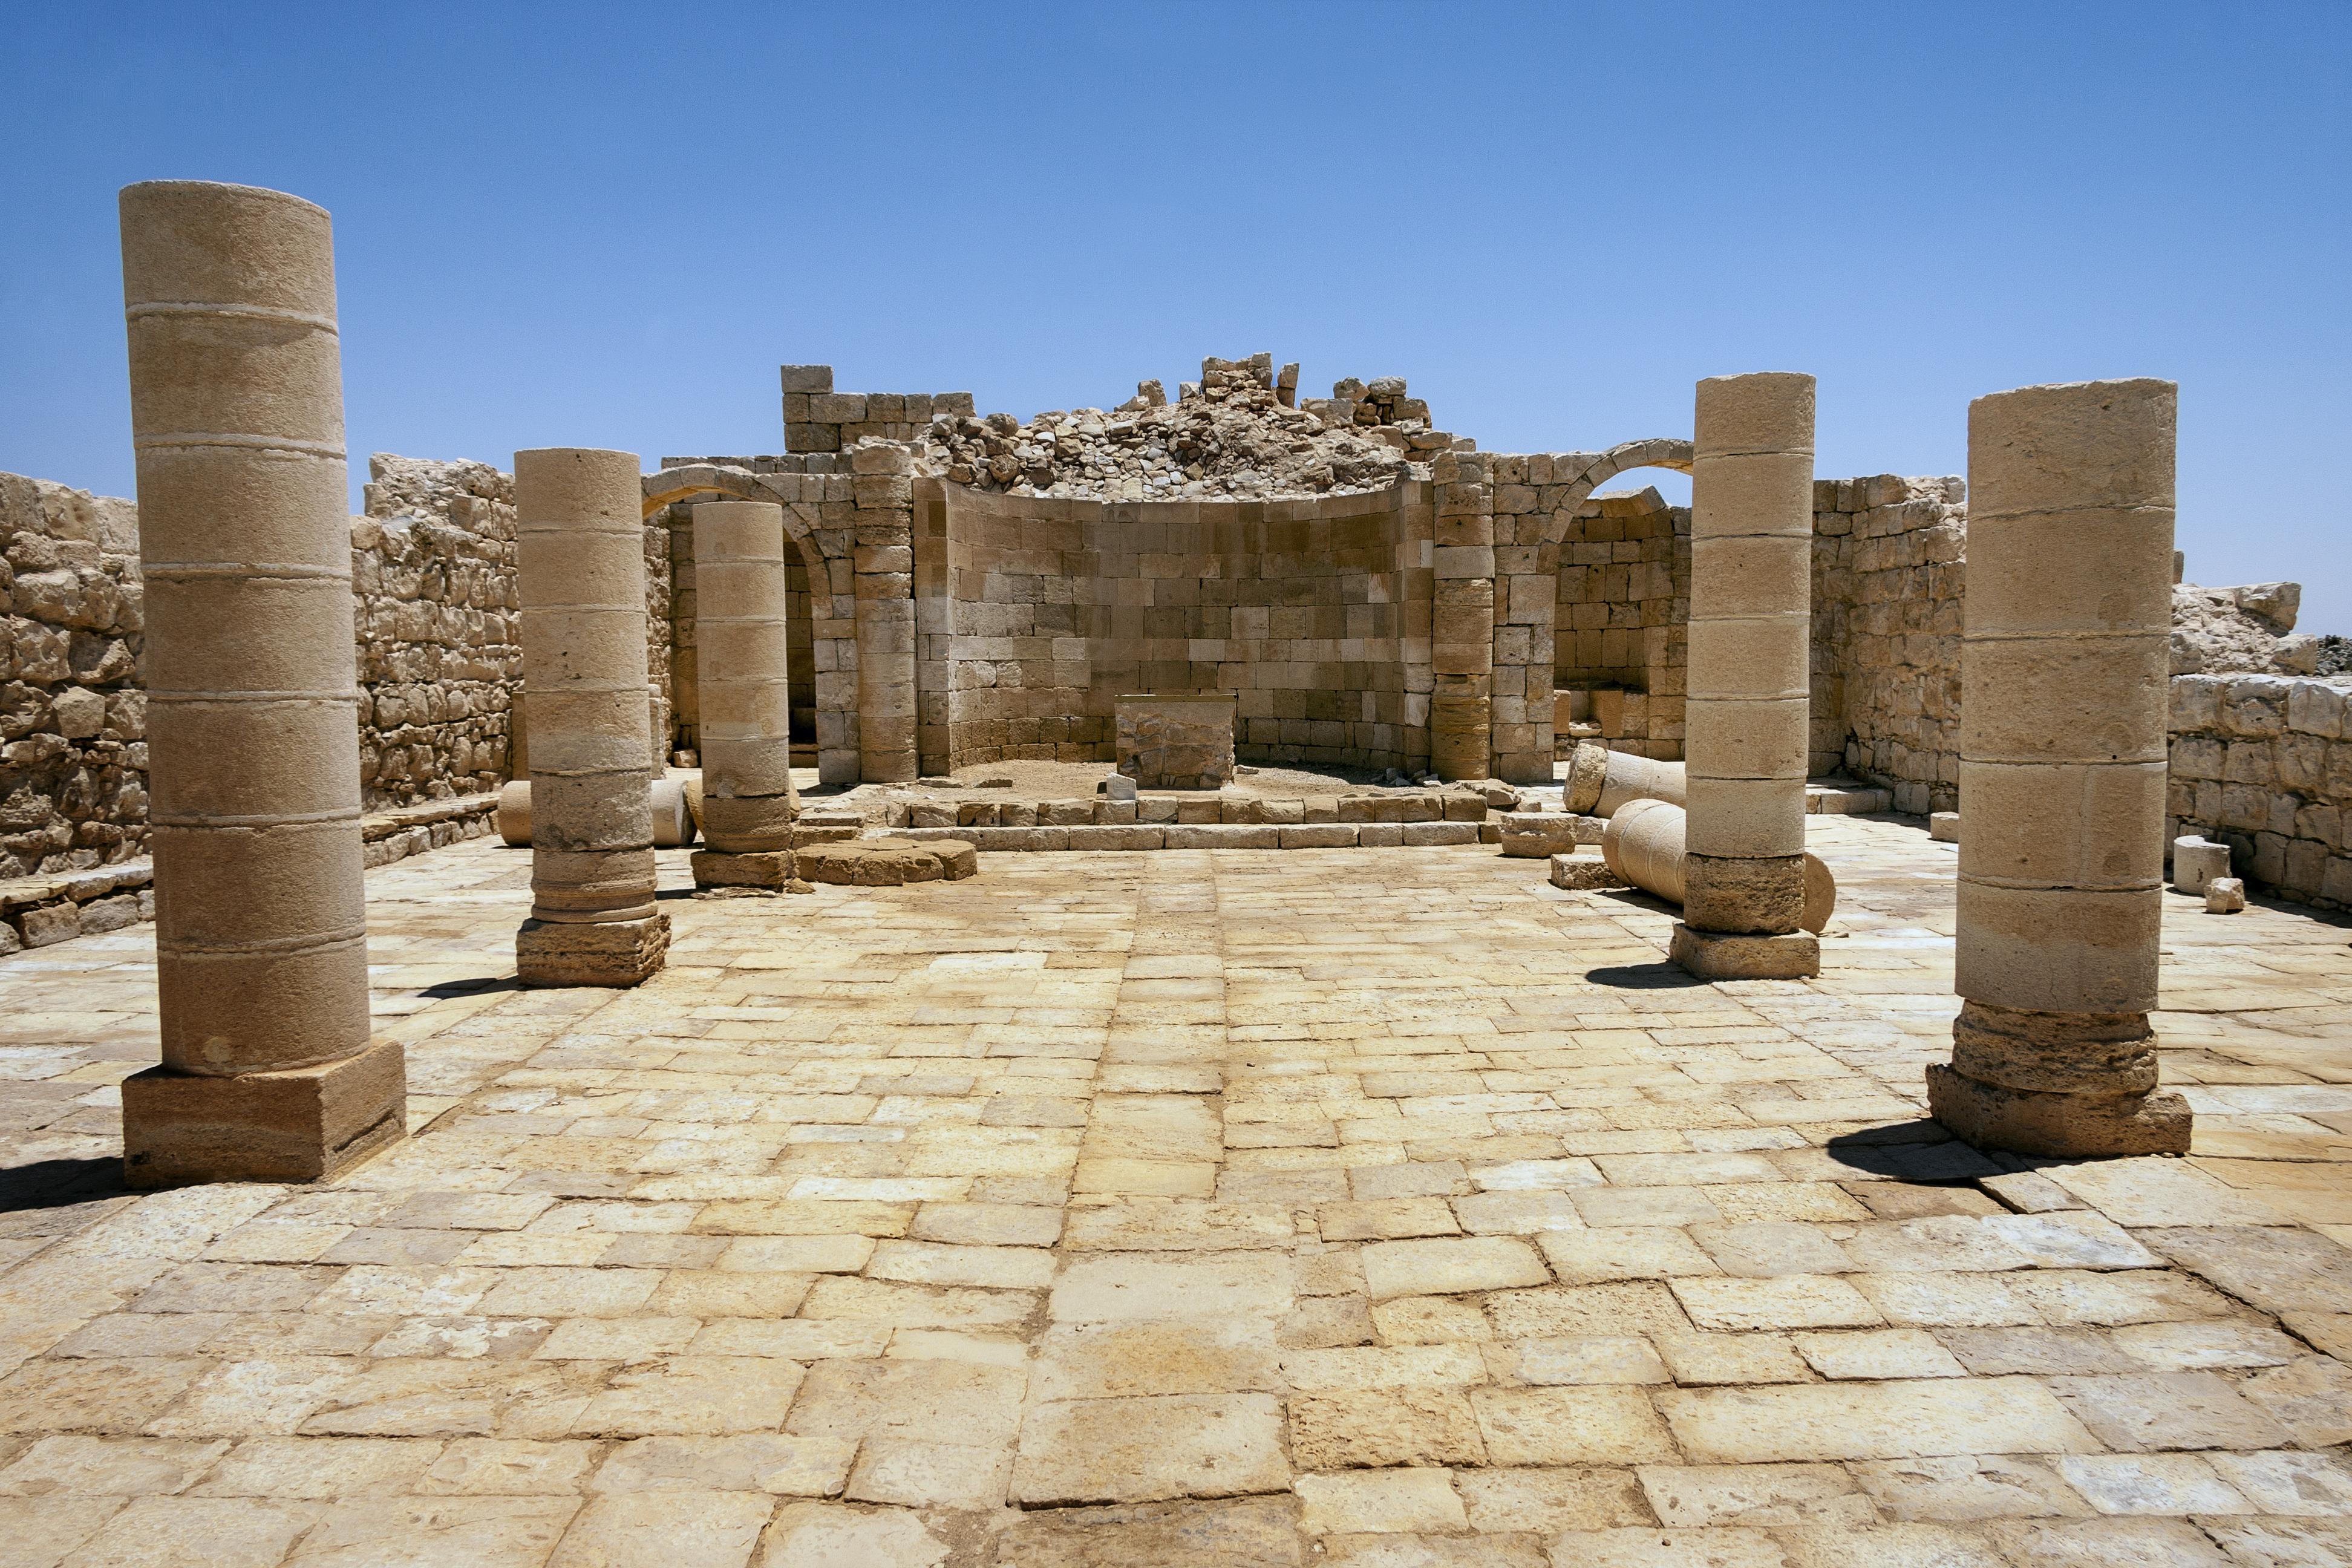 columns and chapel at avdat ruins